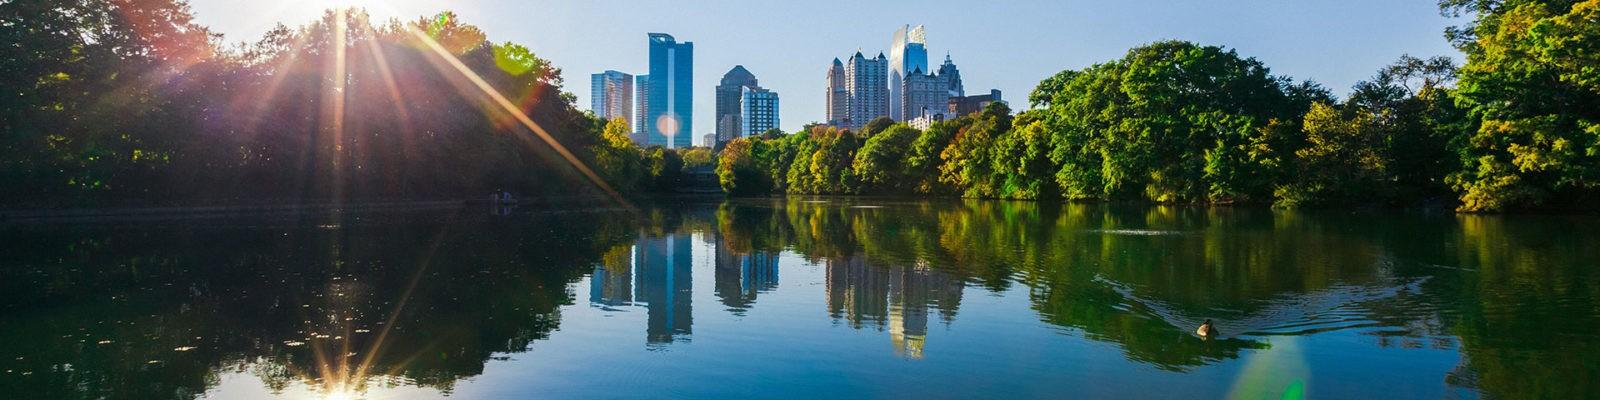 Город Атланта. Достопримечательности столицы Джорджии